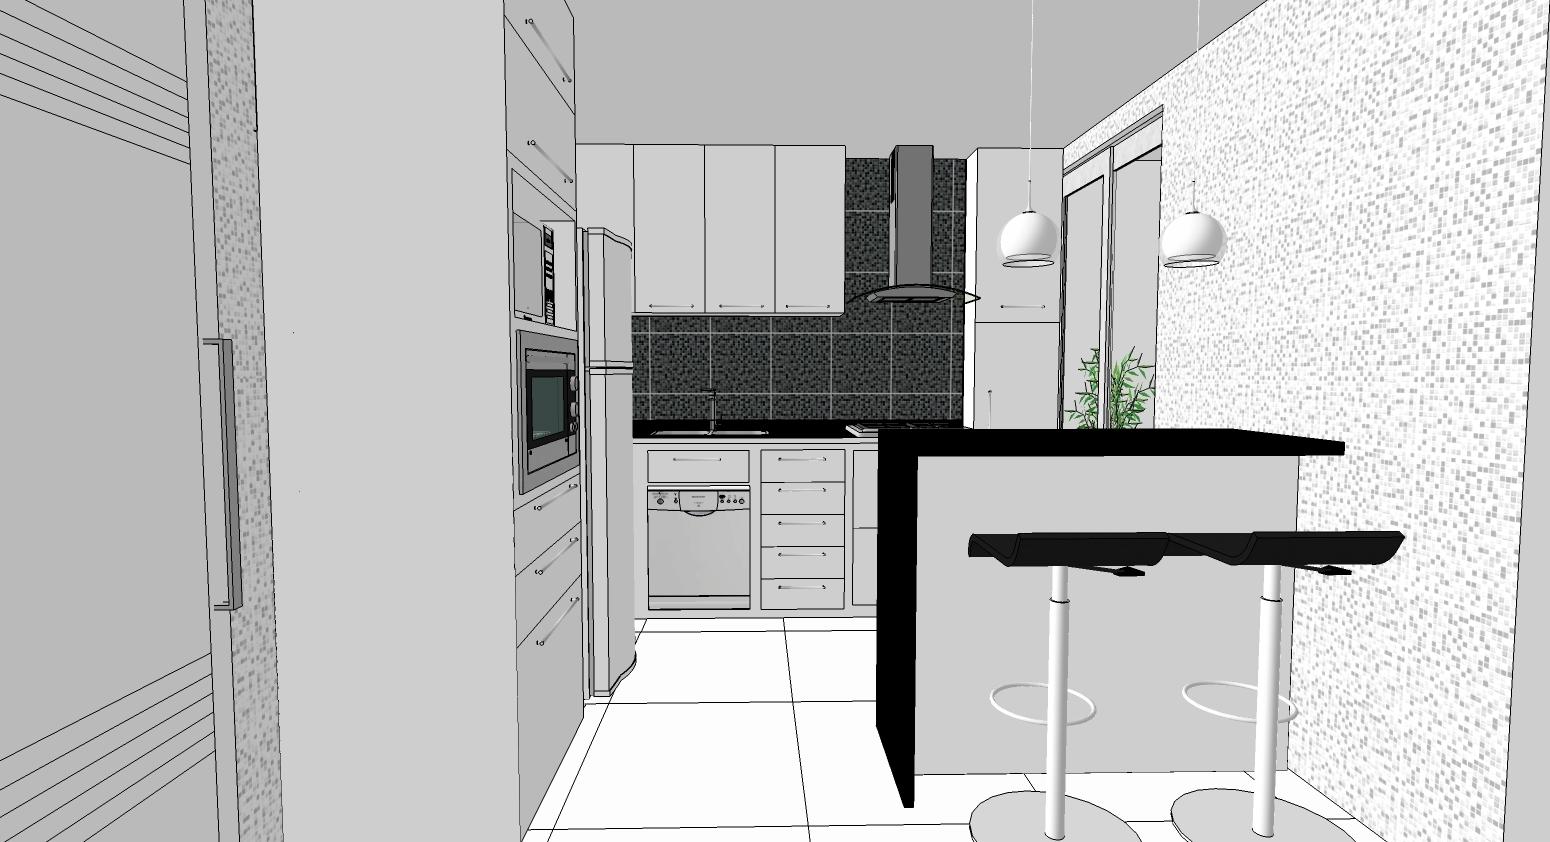 AMBIENTE IDEAL: Mudanças no projeto da cozinha e novas ideias. #597651 1550 842